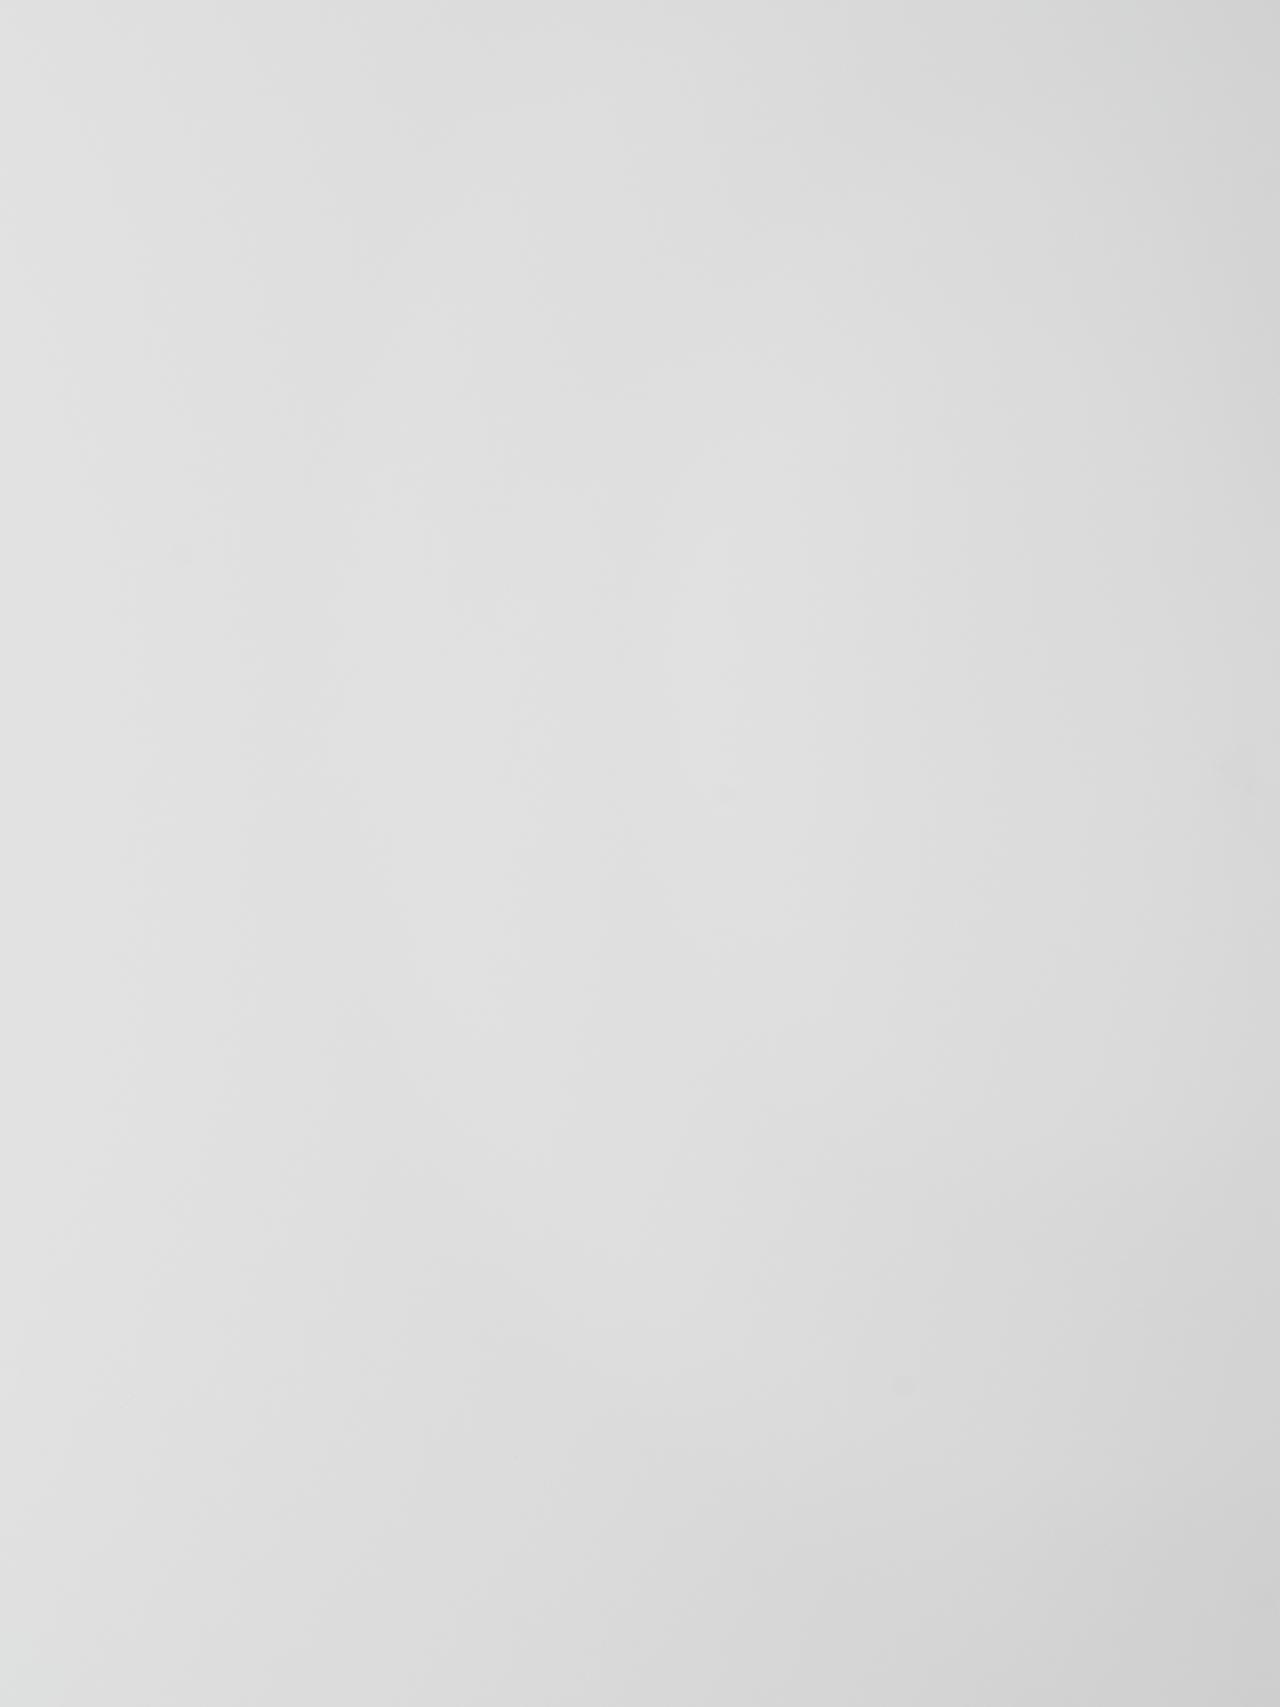 МДФ HM00/B040 19мм Piombo/Seta 3050х1300мм